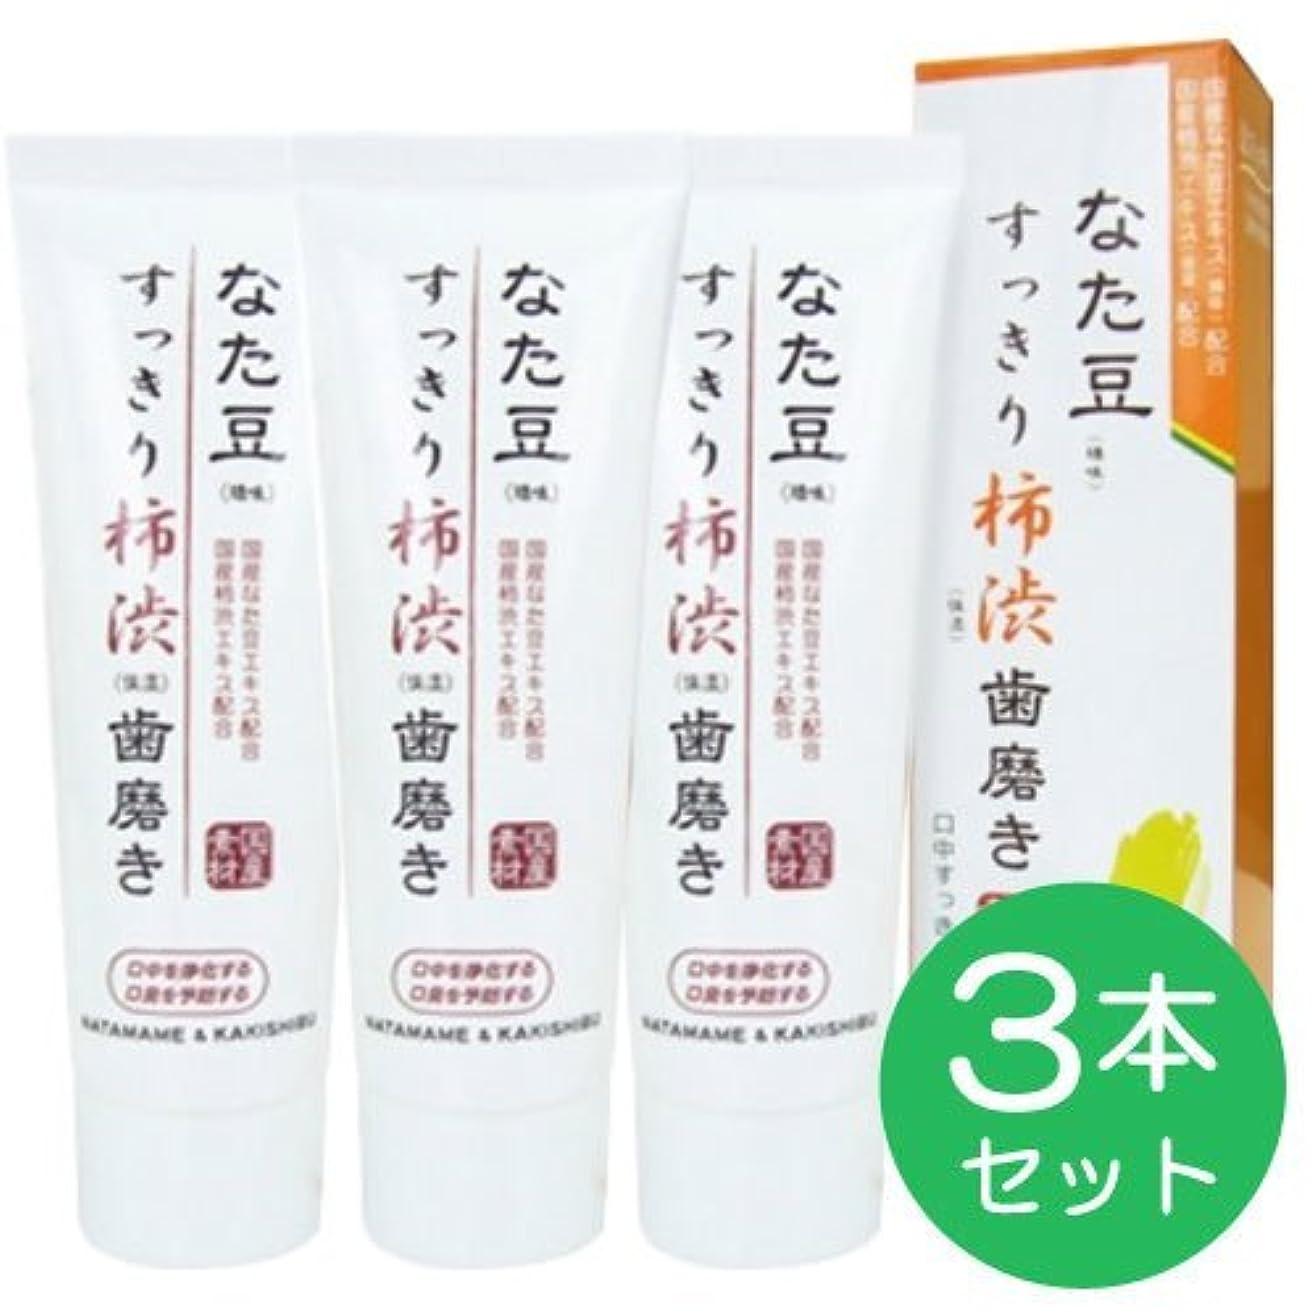 病な飼料ルーチンなた豆すっきり柿渋歯磨き粉 (3個)